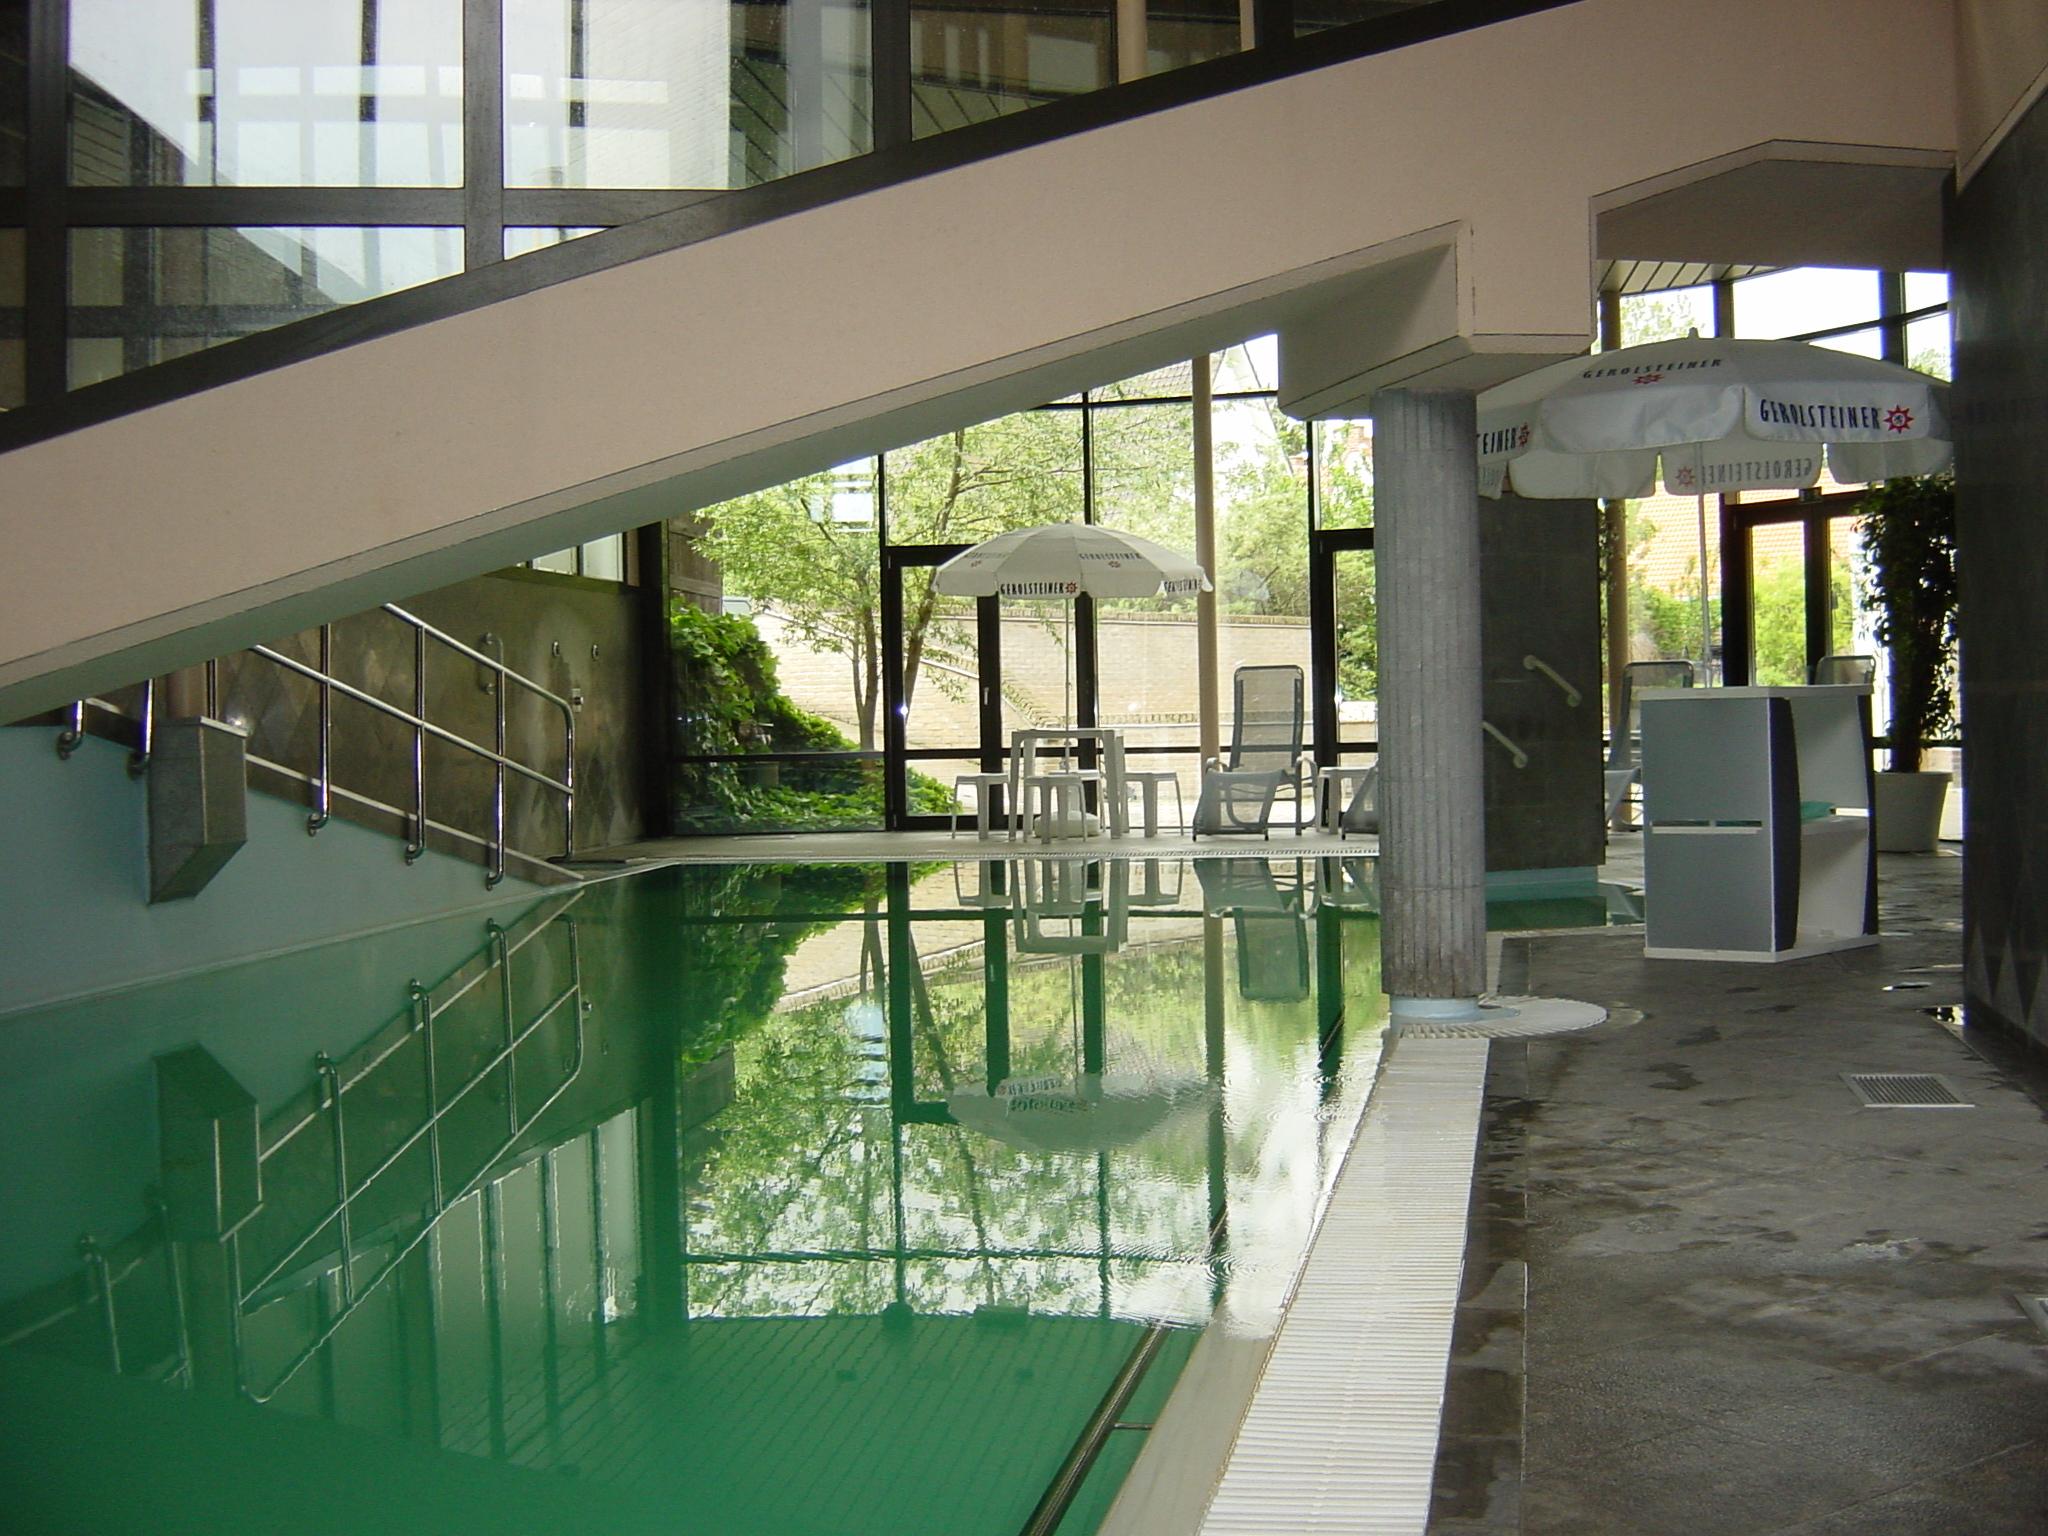 Soll Cress Hotel | Online Booking | Koksijde intérieur Piscine Koksijde